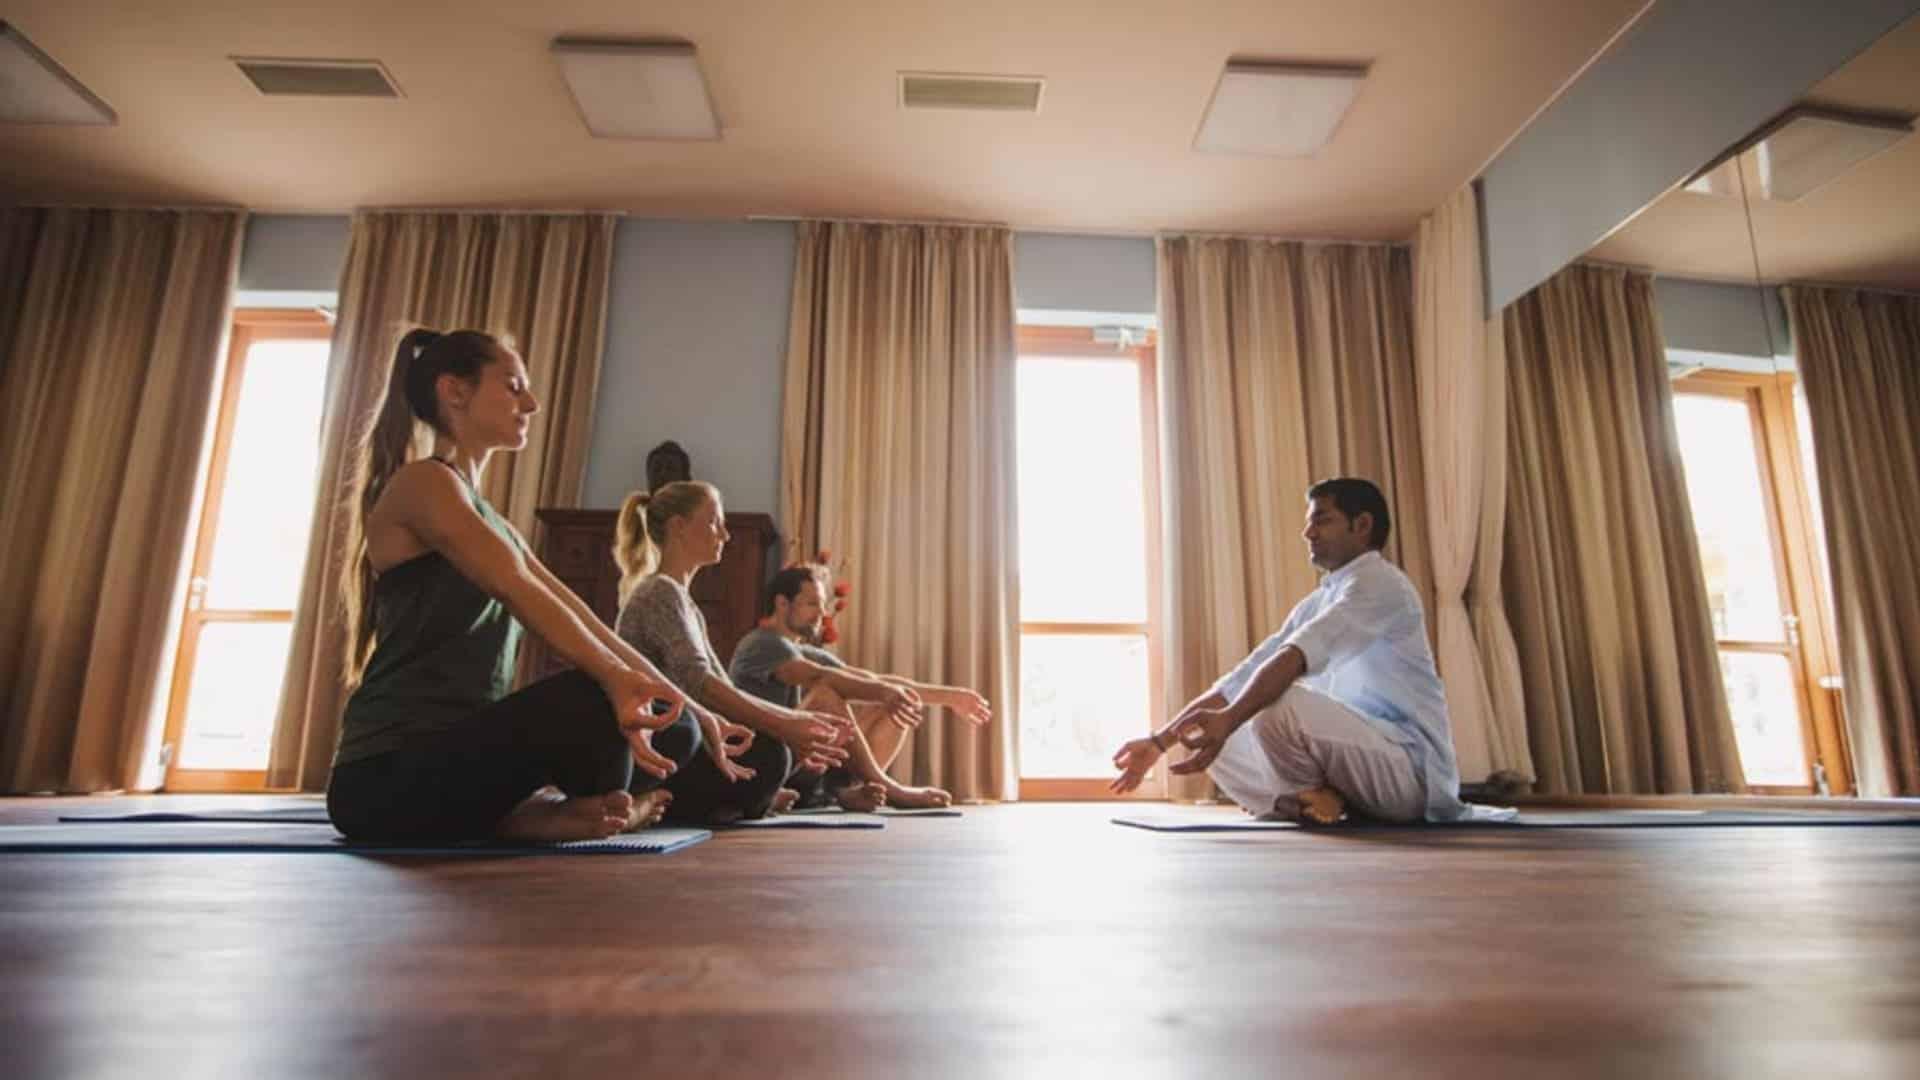 Innehalten, in die Stille gehen mit Yoga im Hotel Larimar